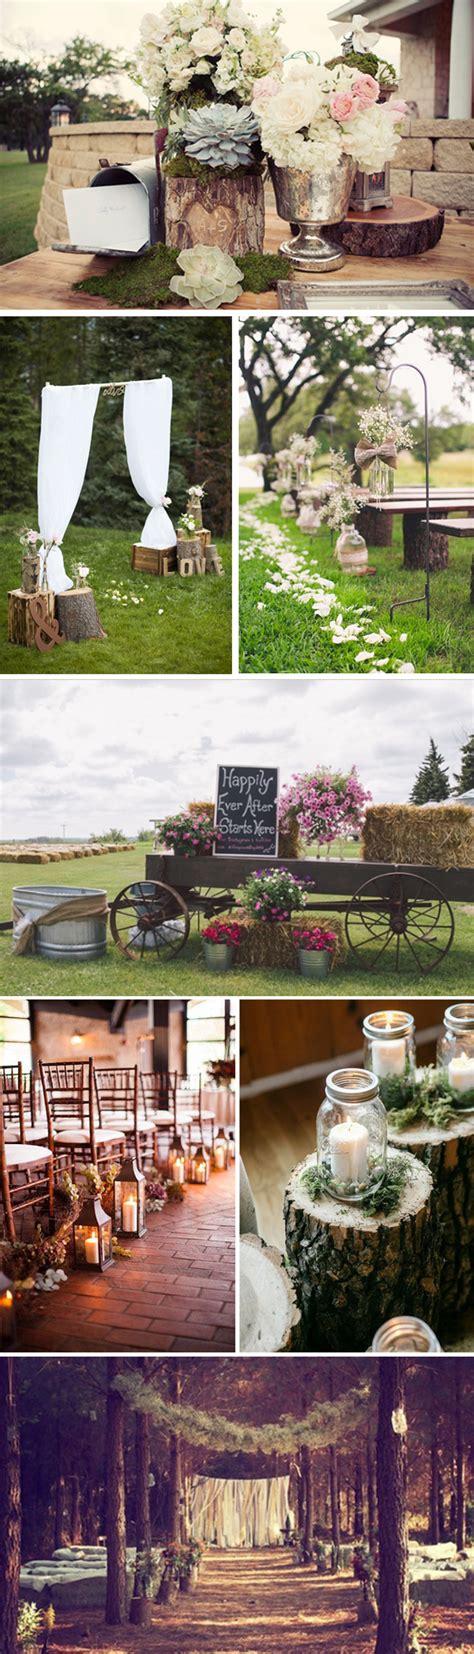 Decoración bodas rústicas. Decoración de bodas en el campo